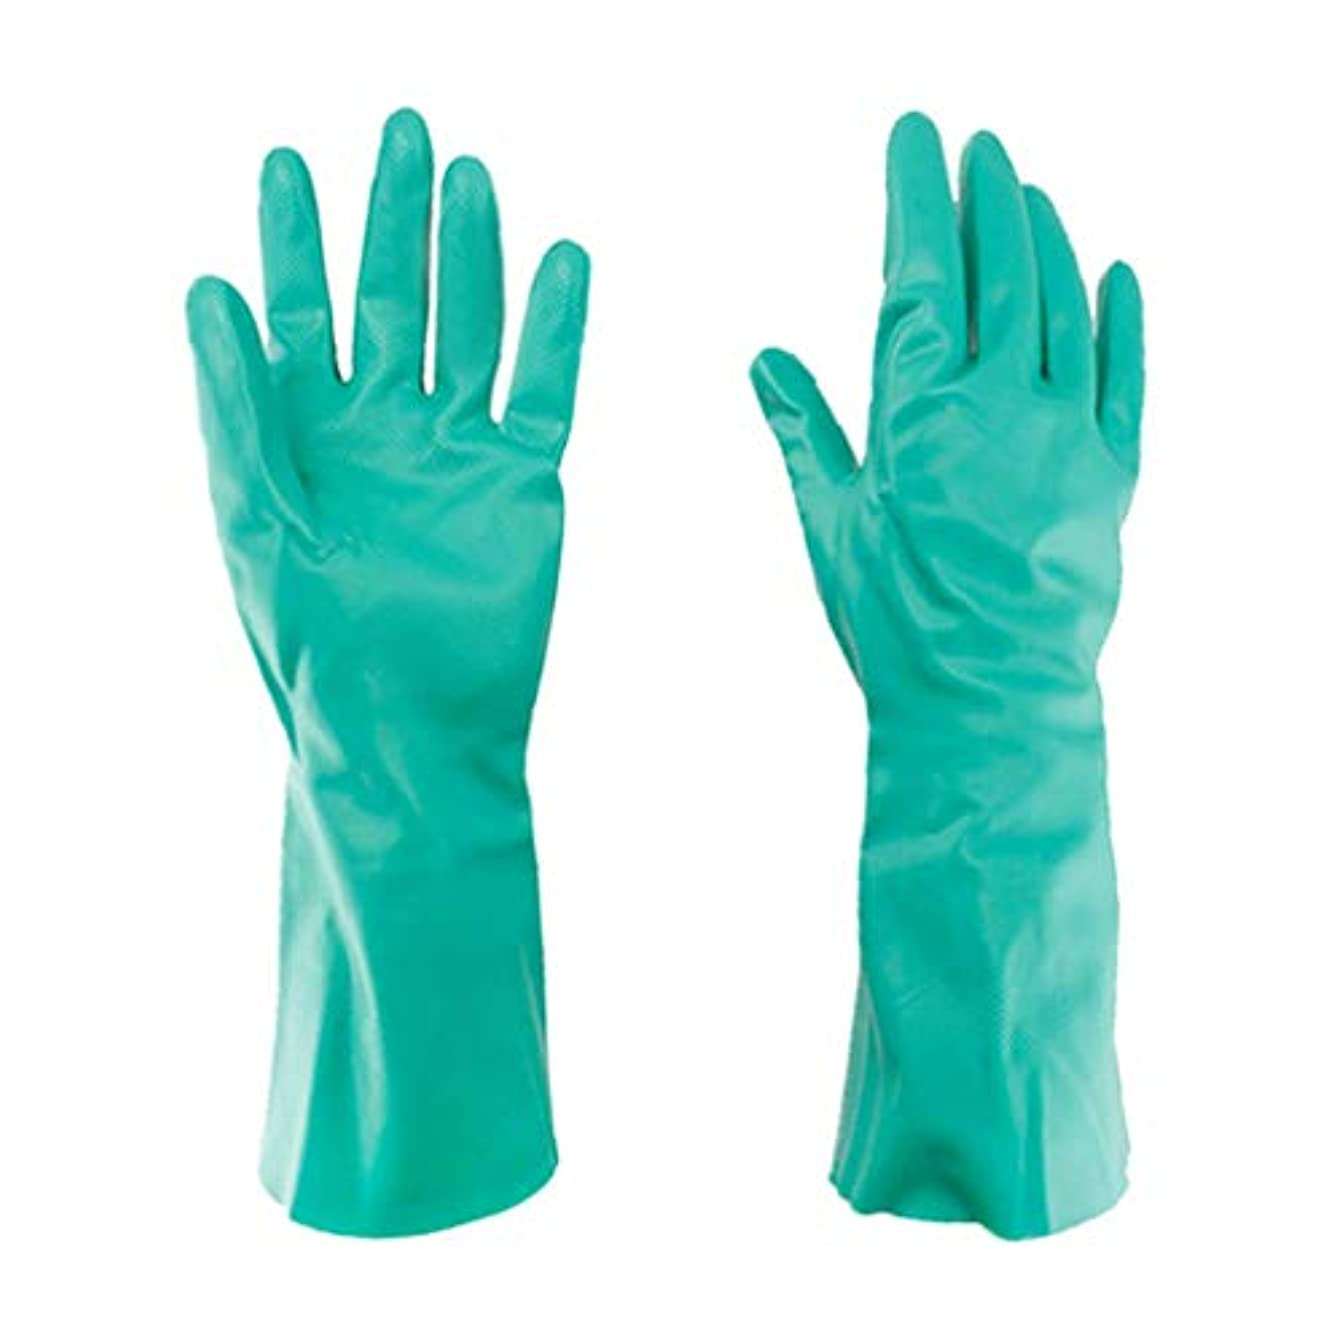 敏感な尾直径ゴム手袋 - 家庭用に適した耐酸性および耐アルカリ性耐油性耐食